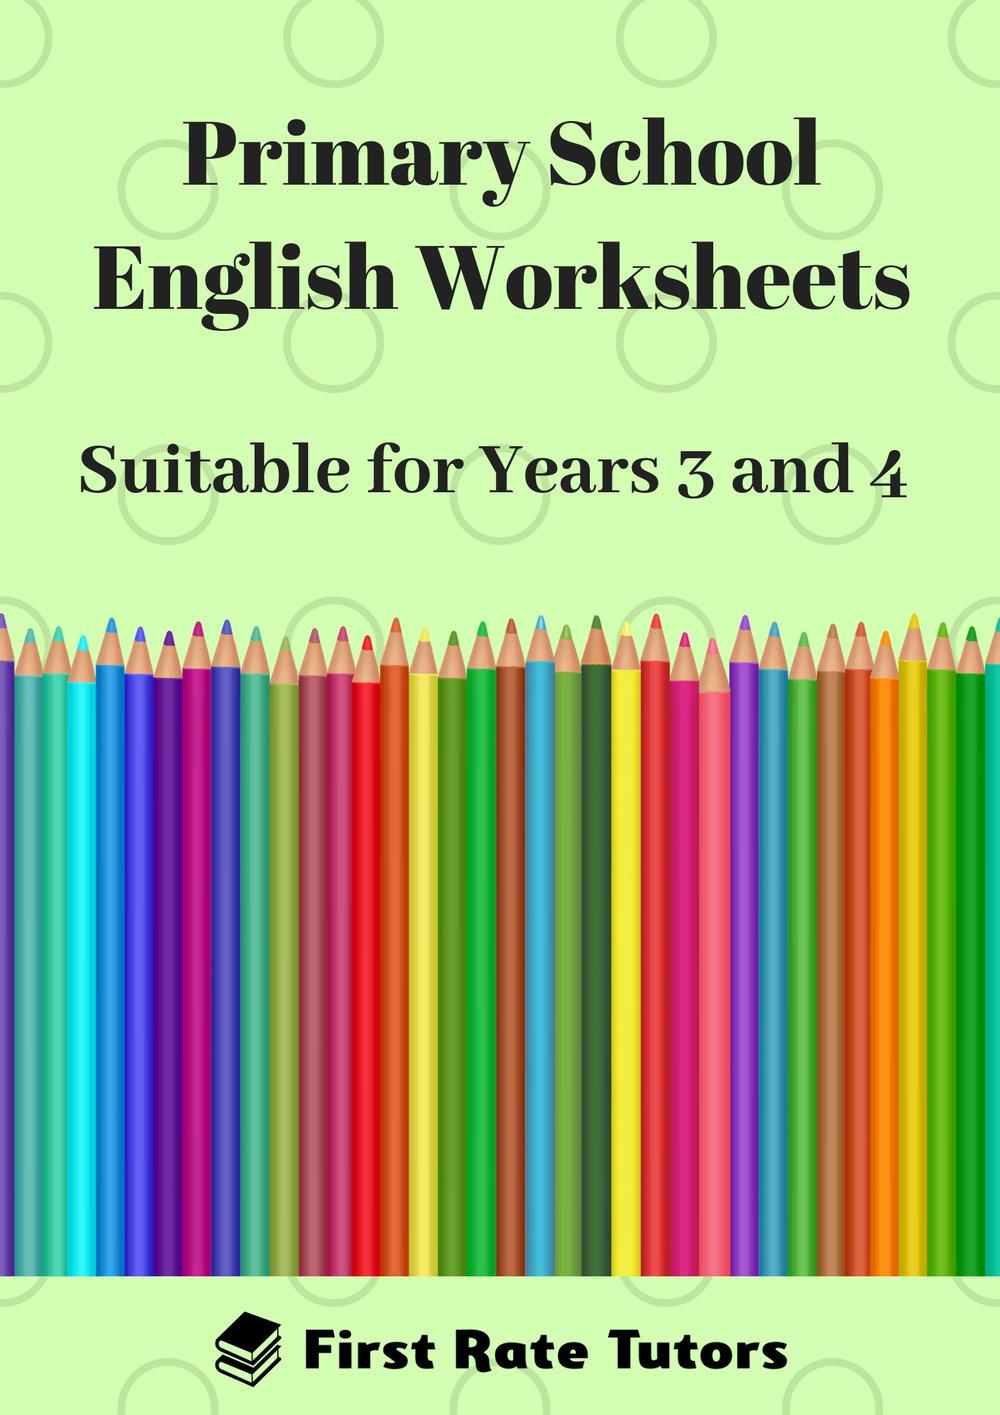 Primary+School+English+Worksheets.jpg